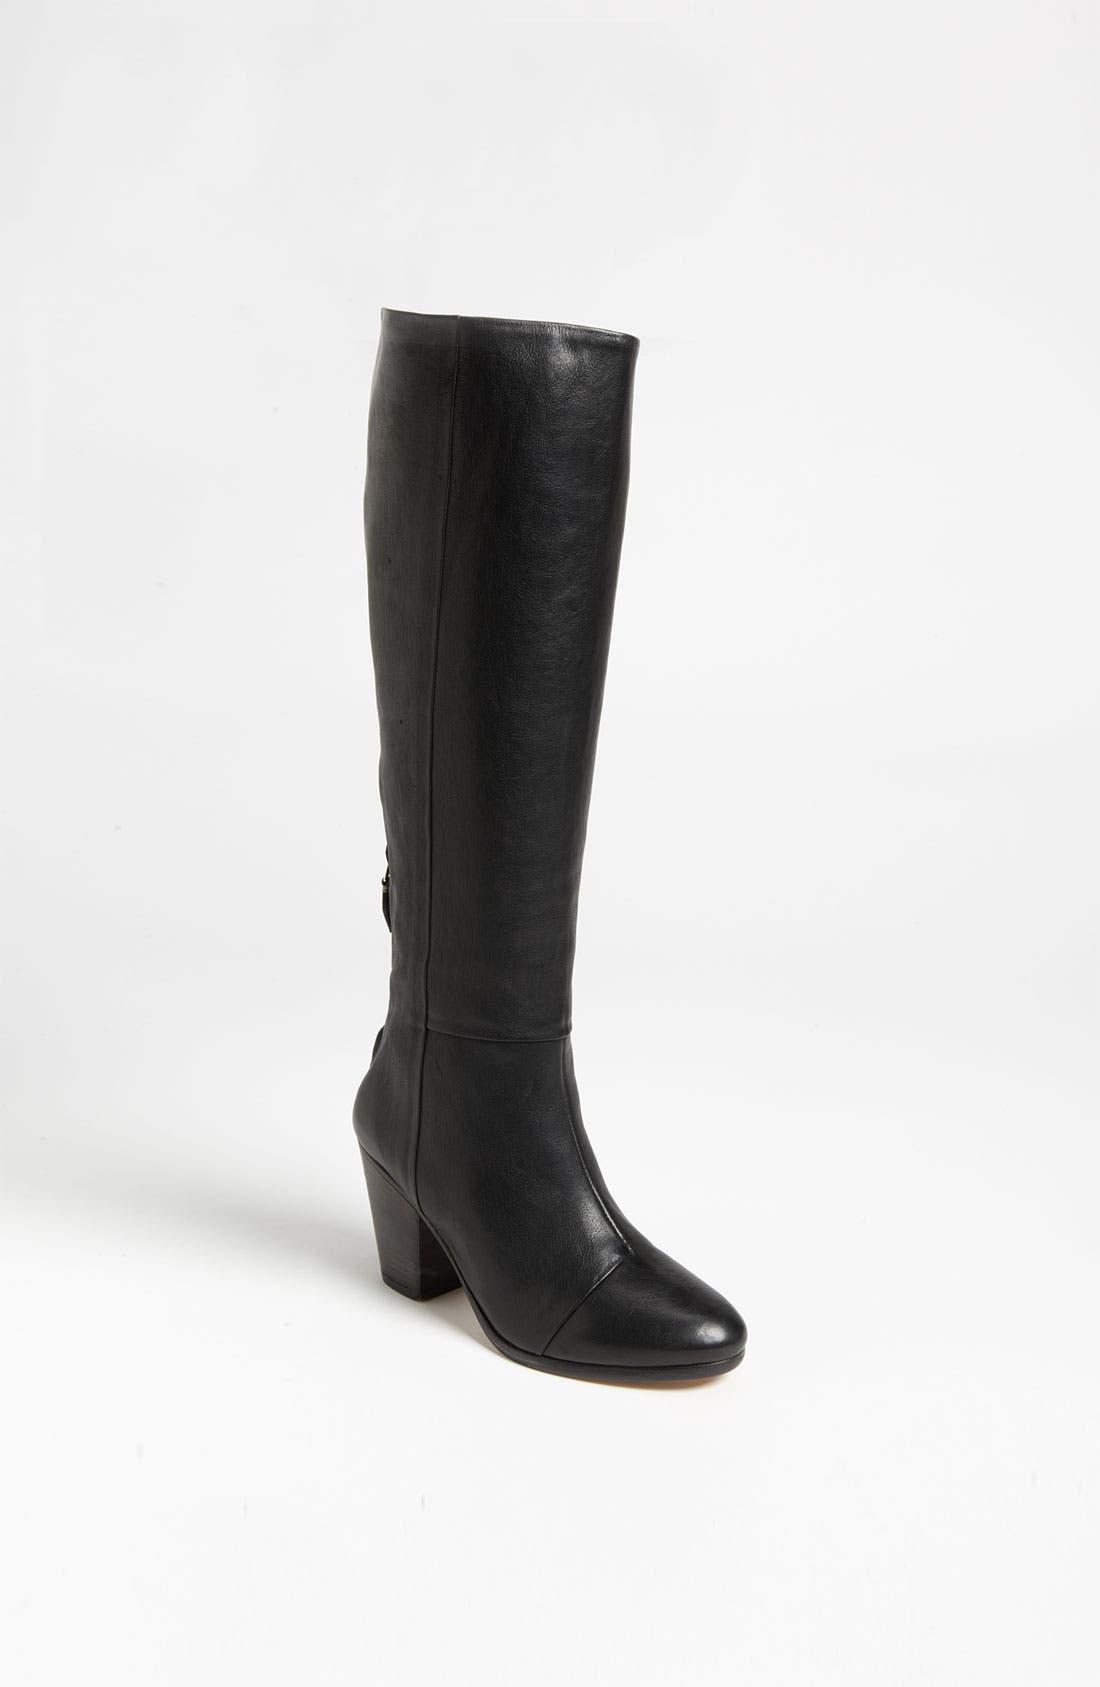 Main Image - rag & bone 'Newbury' Knee High Boot